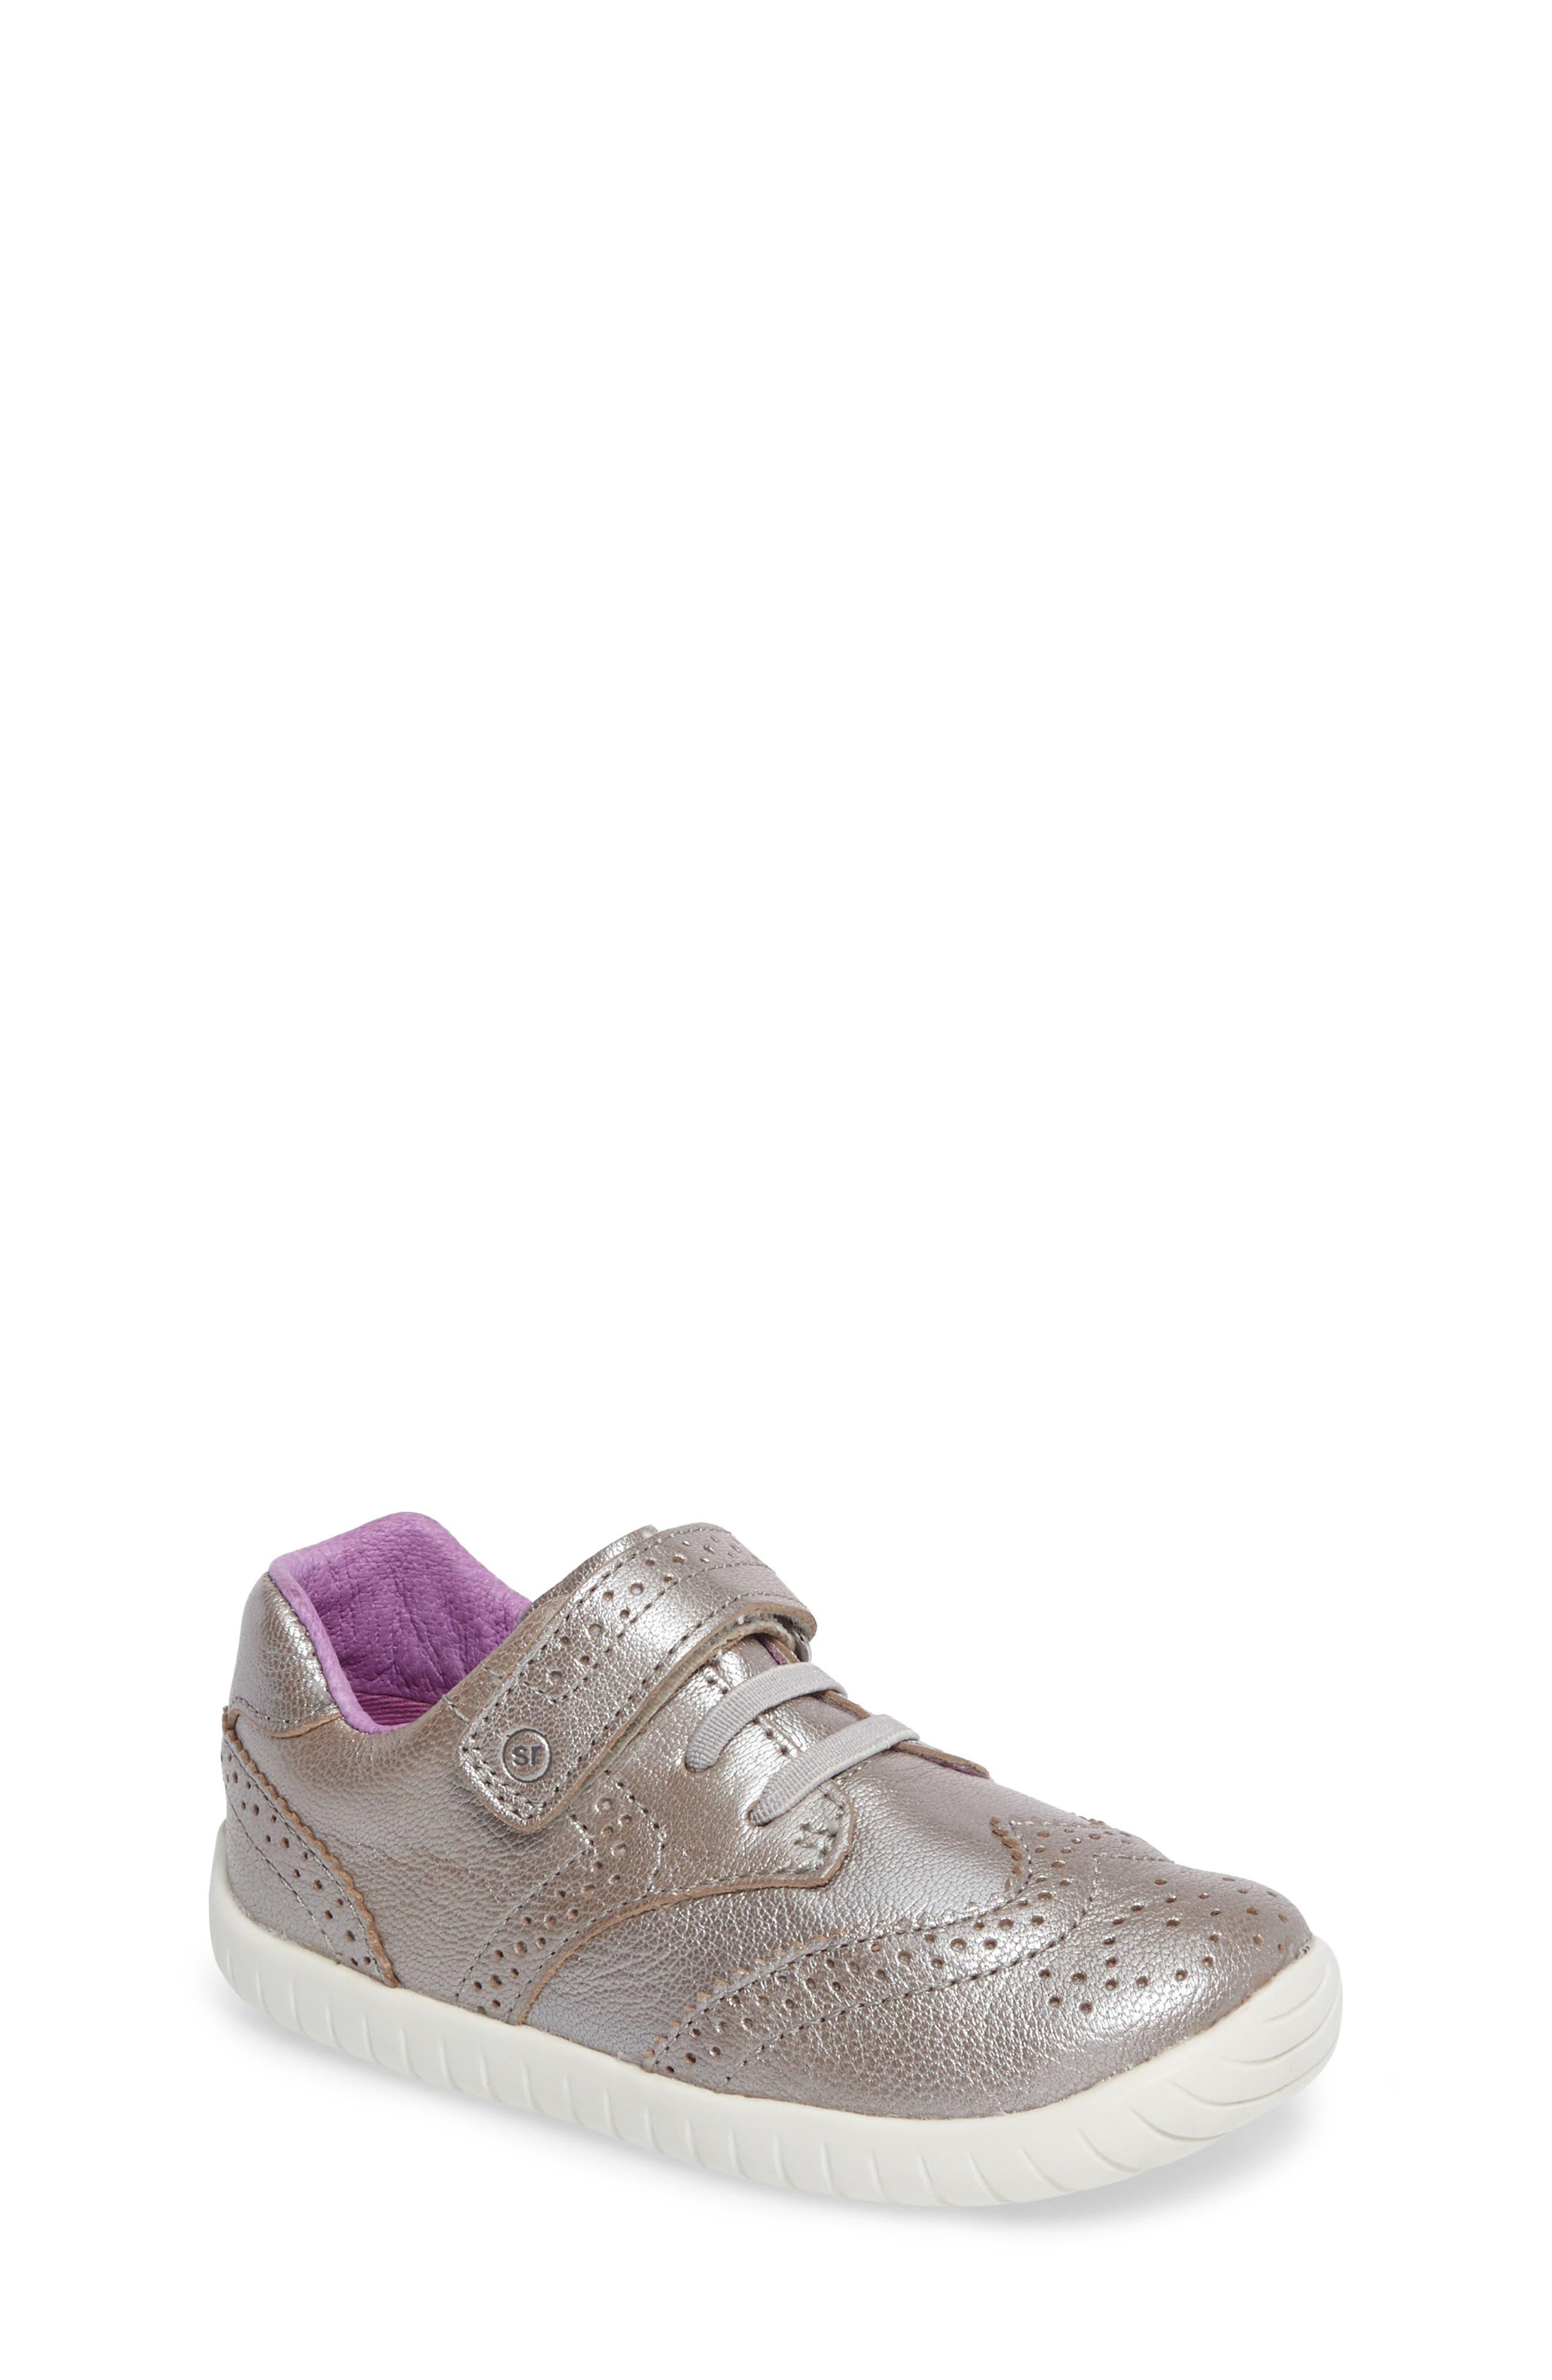 Main Image - Stride Rite Addison Metallic Wingtip Sneaker (Baby, Walker & Toddler)